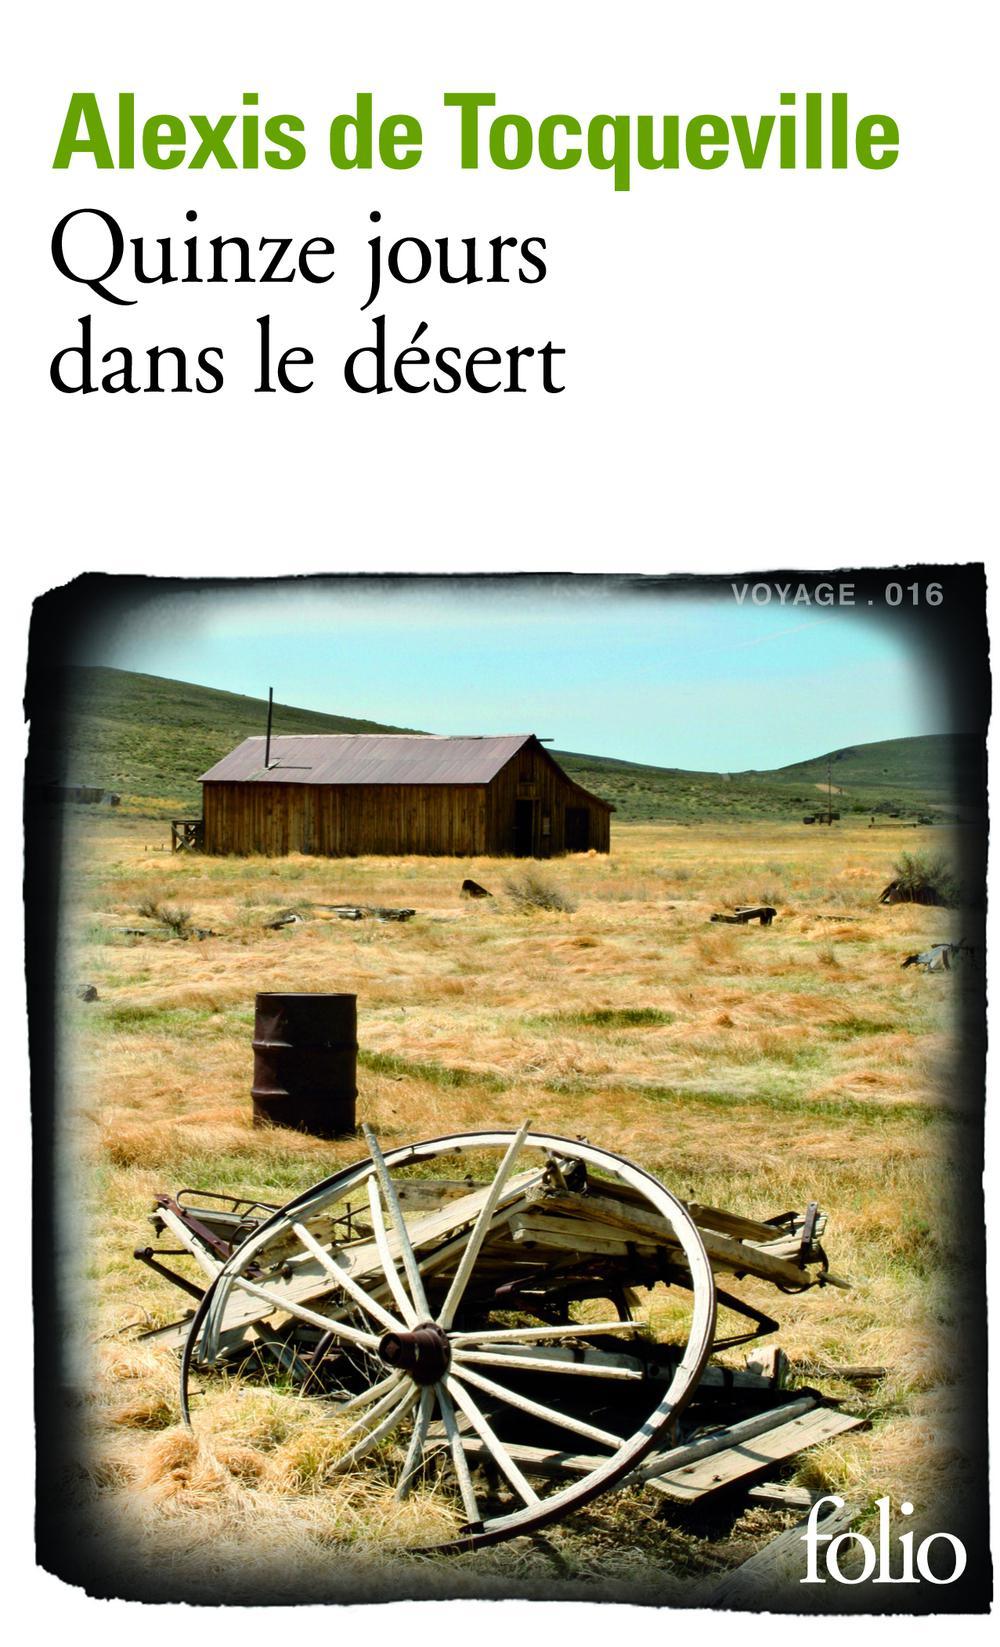 Quinze jours dans le désert